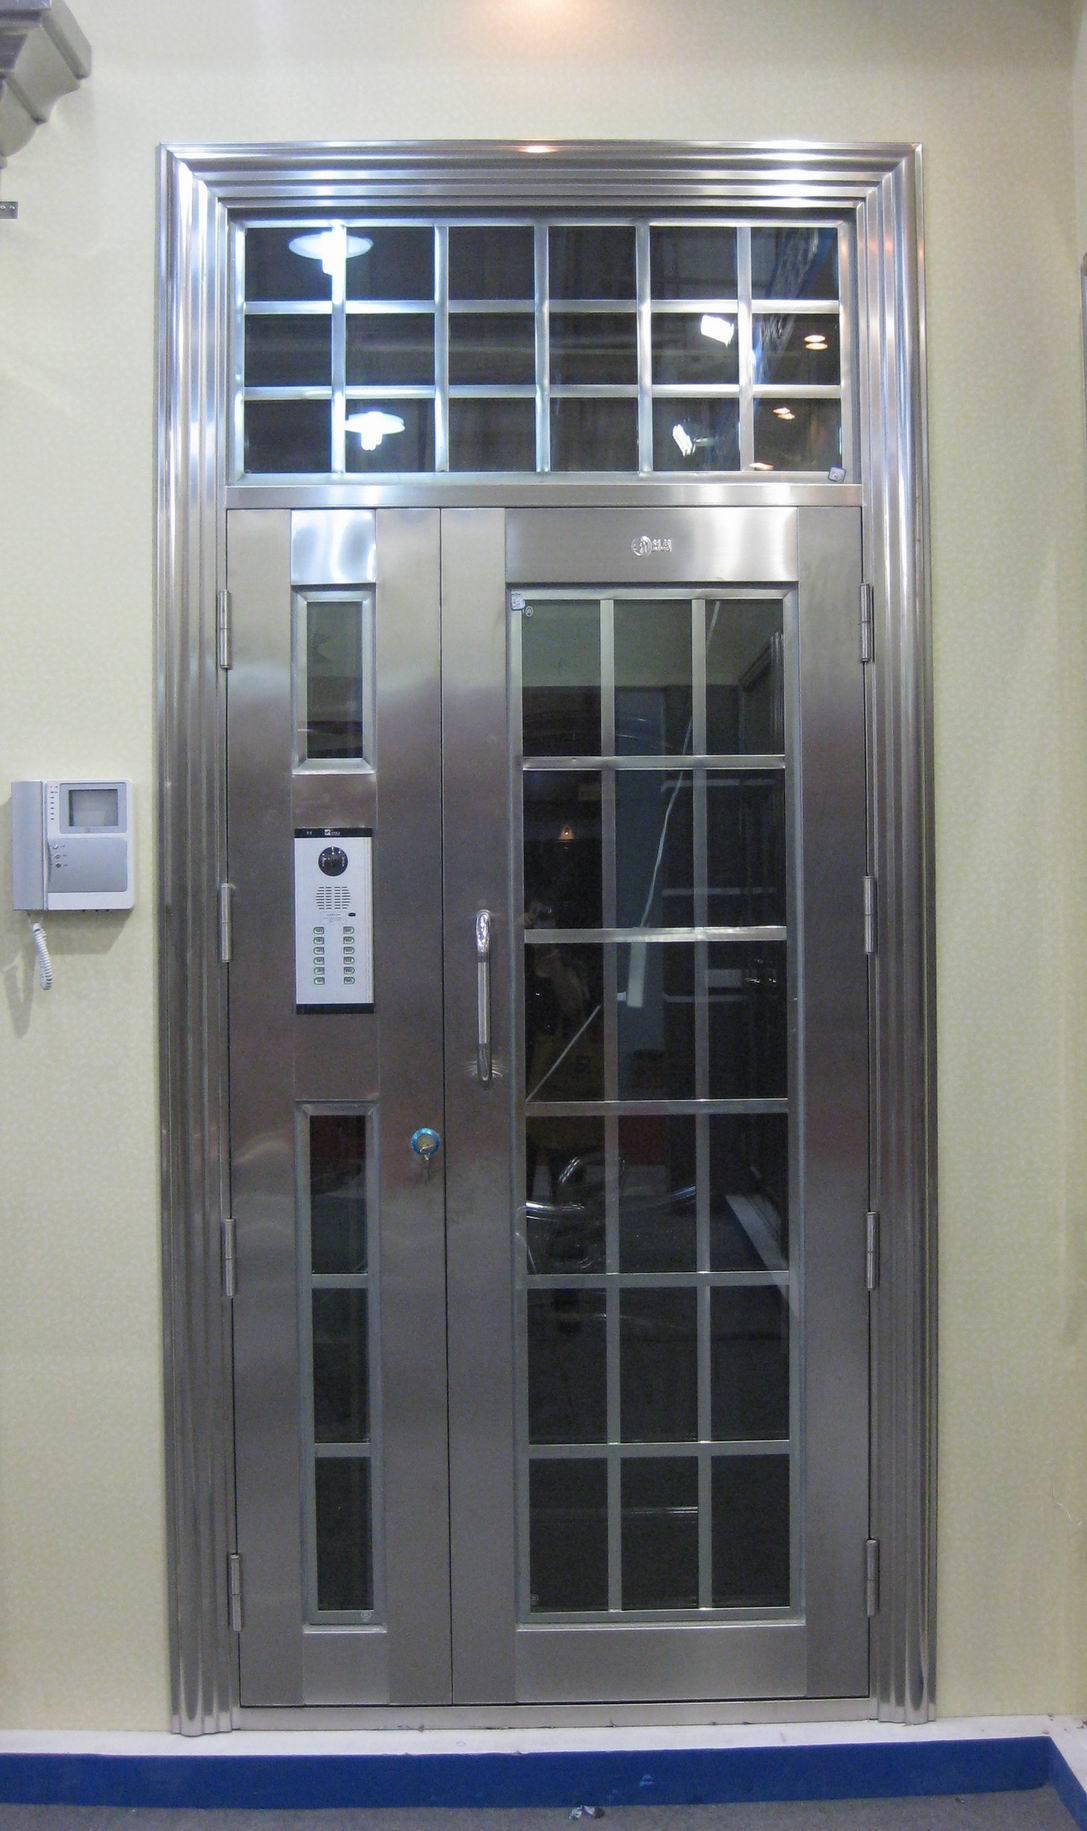 Puertas del acero inoxidable afol s5022 puertas del for Puertas de metal para exterior